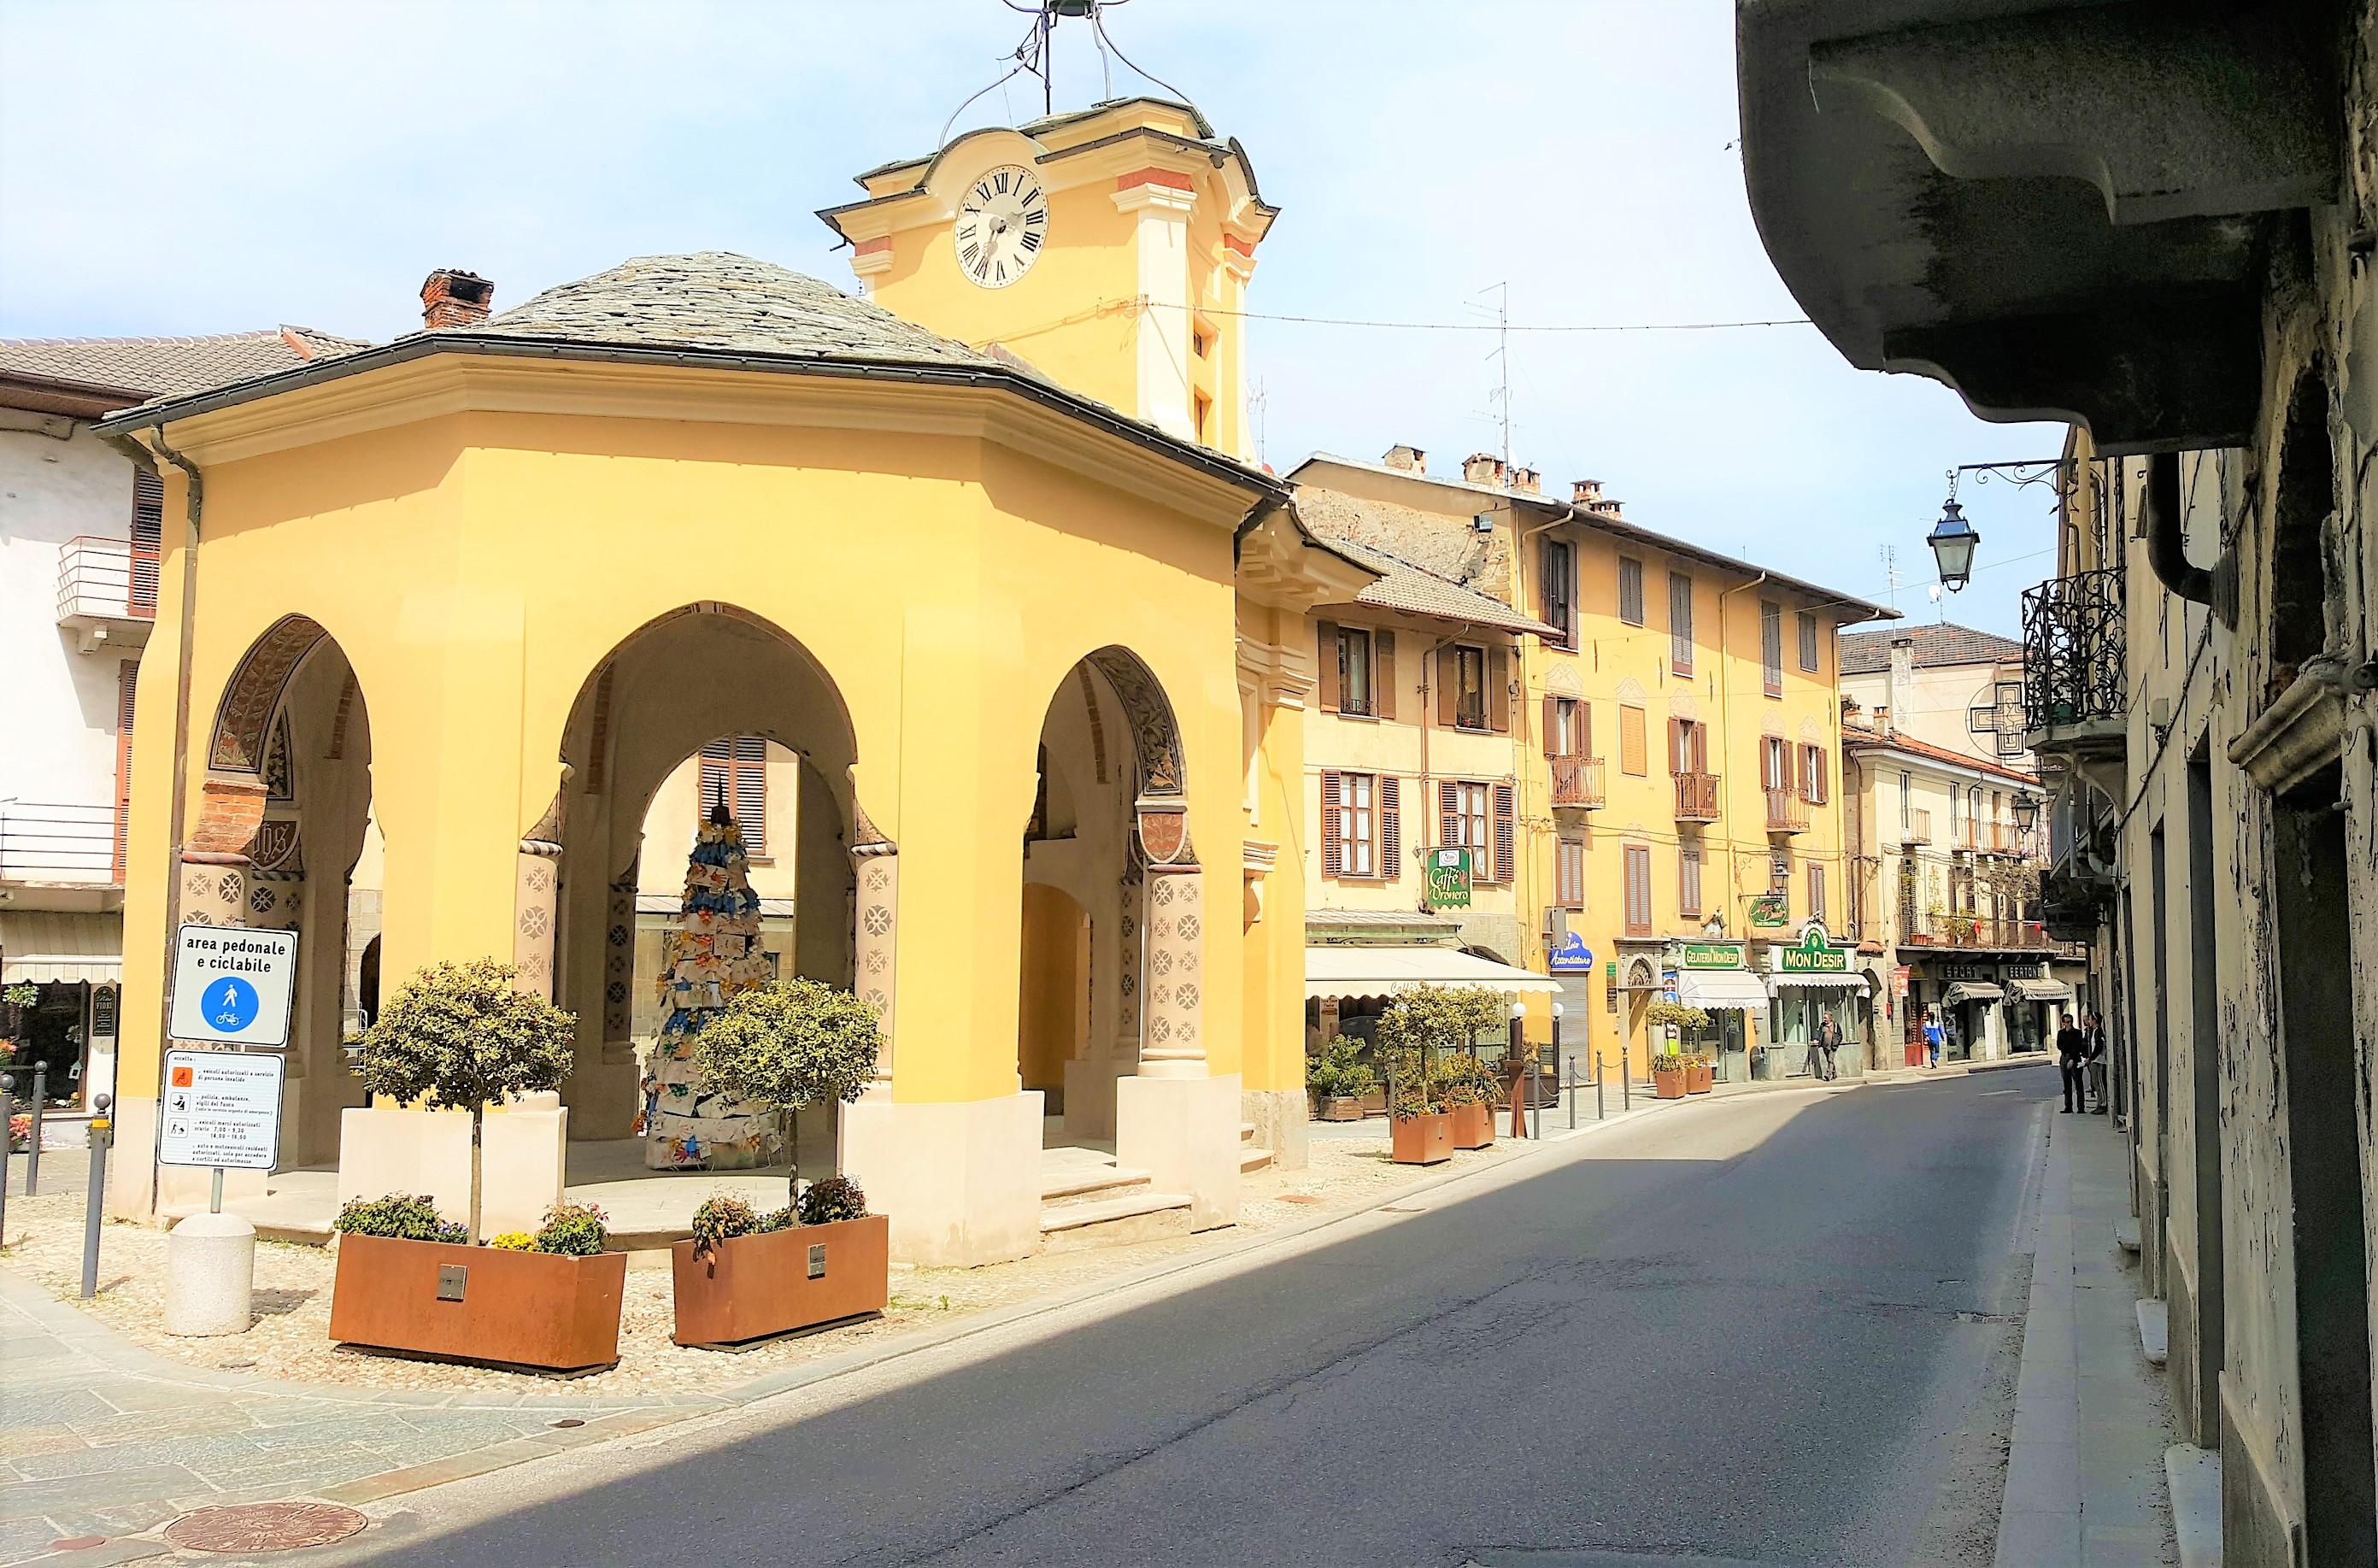 Cuneo e provincia il mio giro intorno al mondo for Arredamenti cuneo e provincia